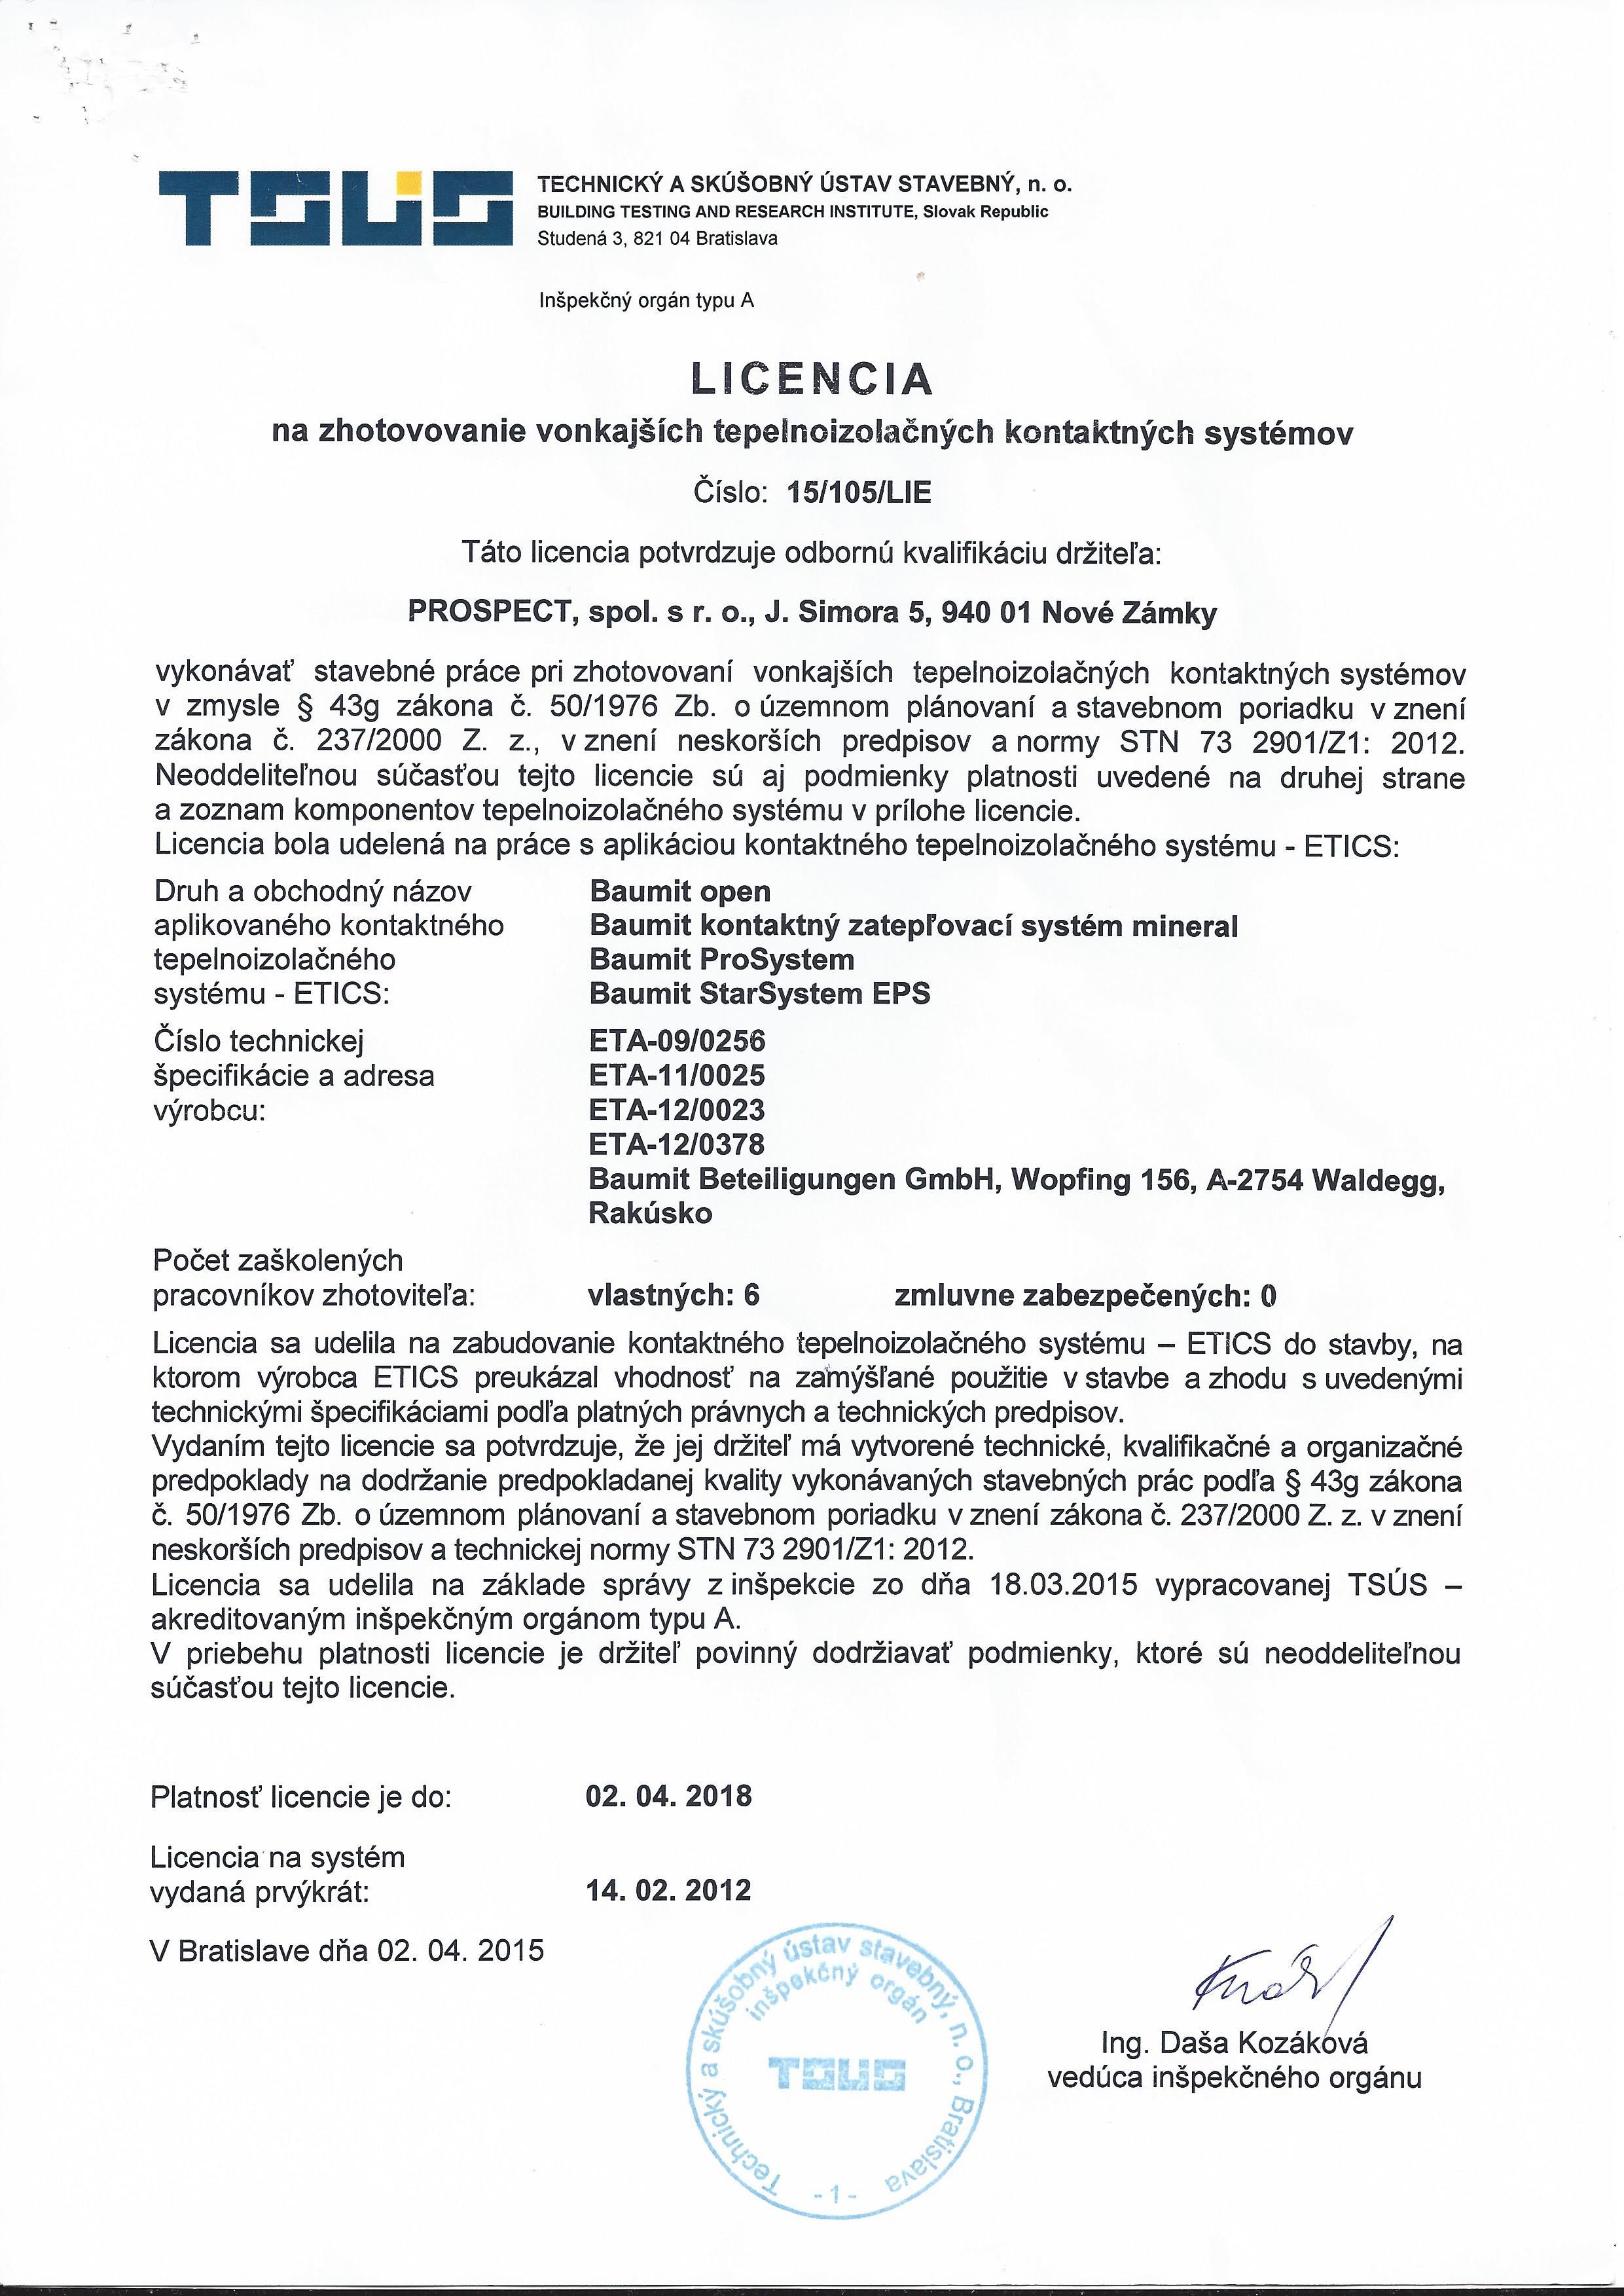 LICENCIA-č.-15-105-LIE-na-zhotovovanie-vonkajších-tepelnoizolač